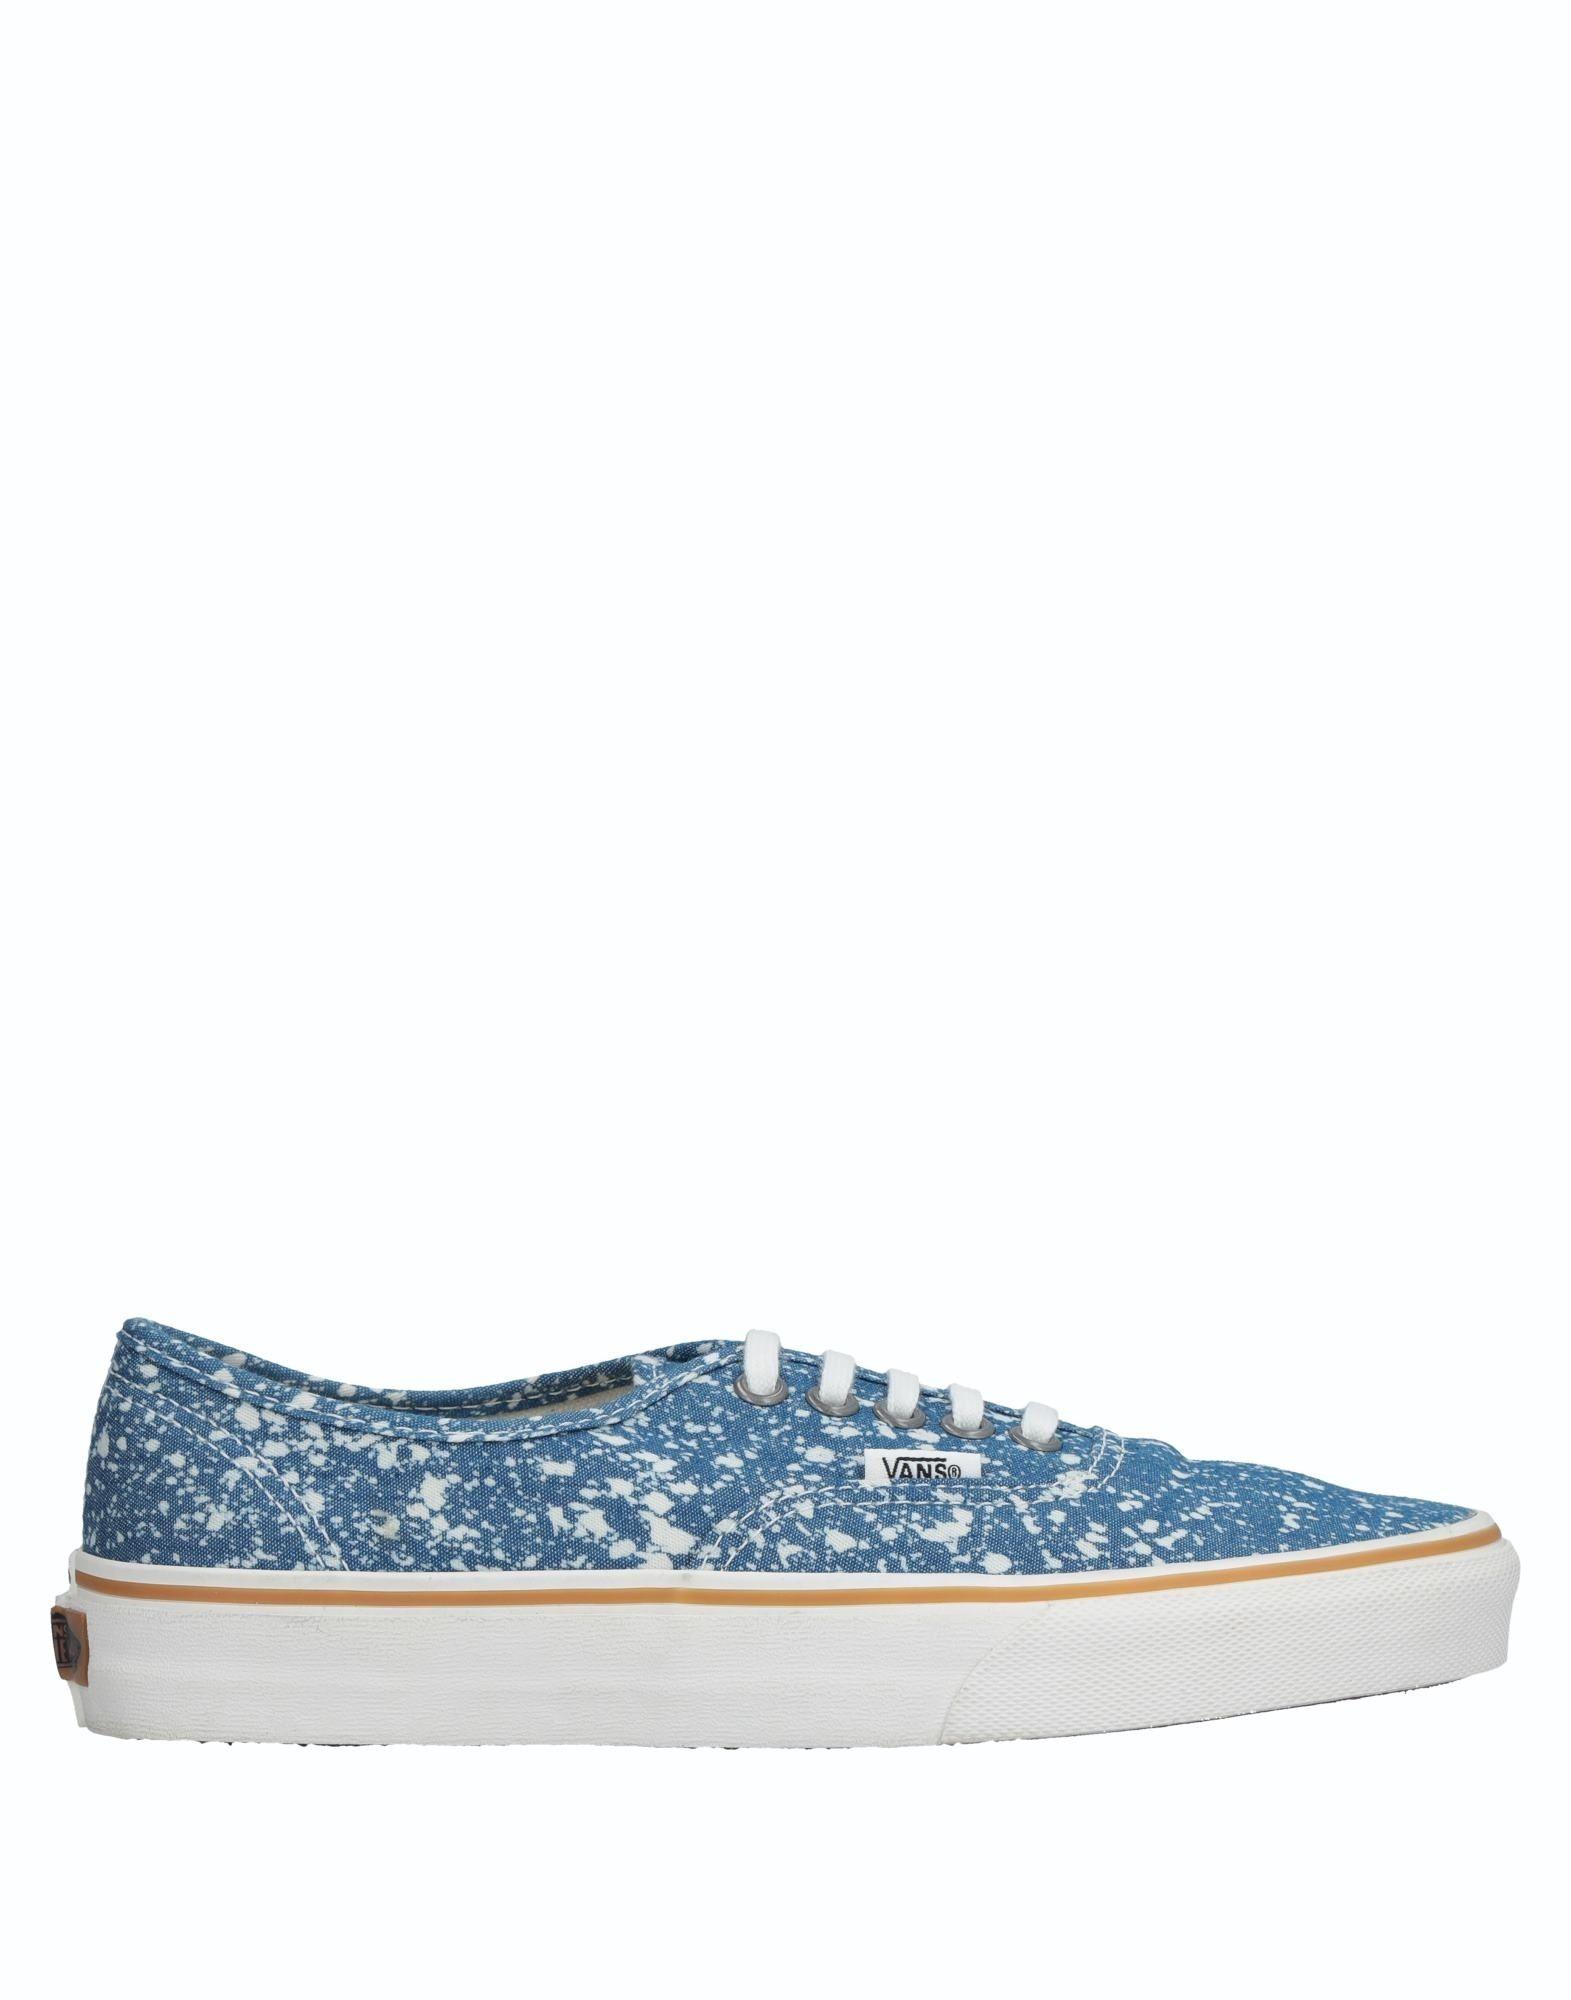 Moda Sneakers Vans Donna - 11520025RU 11520025RU - 198099